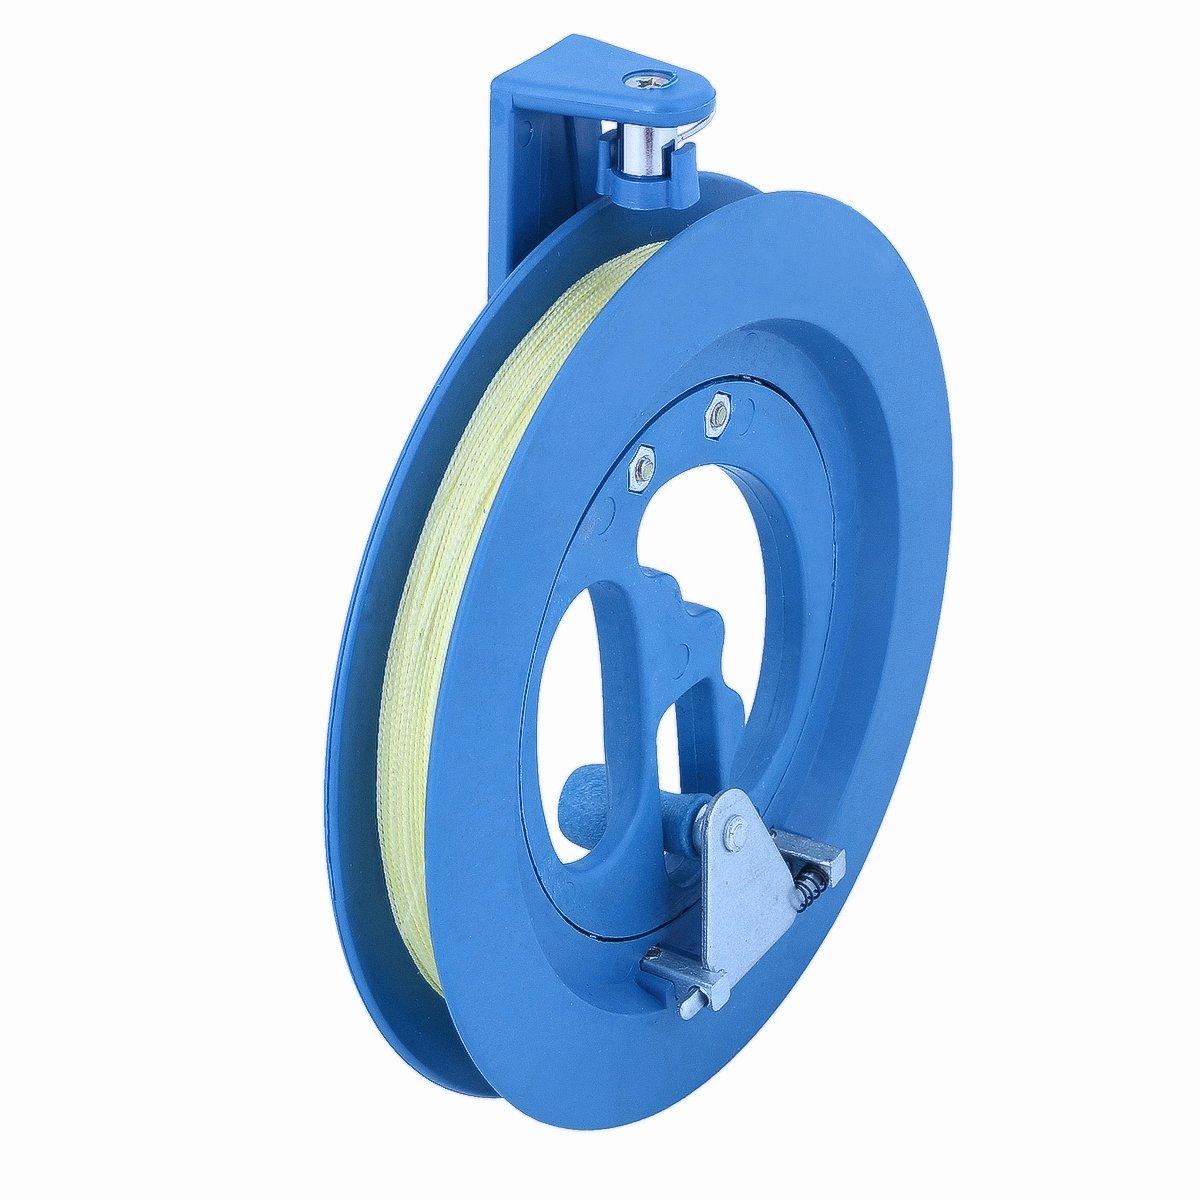 Vicloon Outdoor Rond en Plastique ABS 15cm Cerf-Volant Bobine Winder Enrouleur avec Connecteur 100m de Ligne pour Enfants(Bleu)